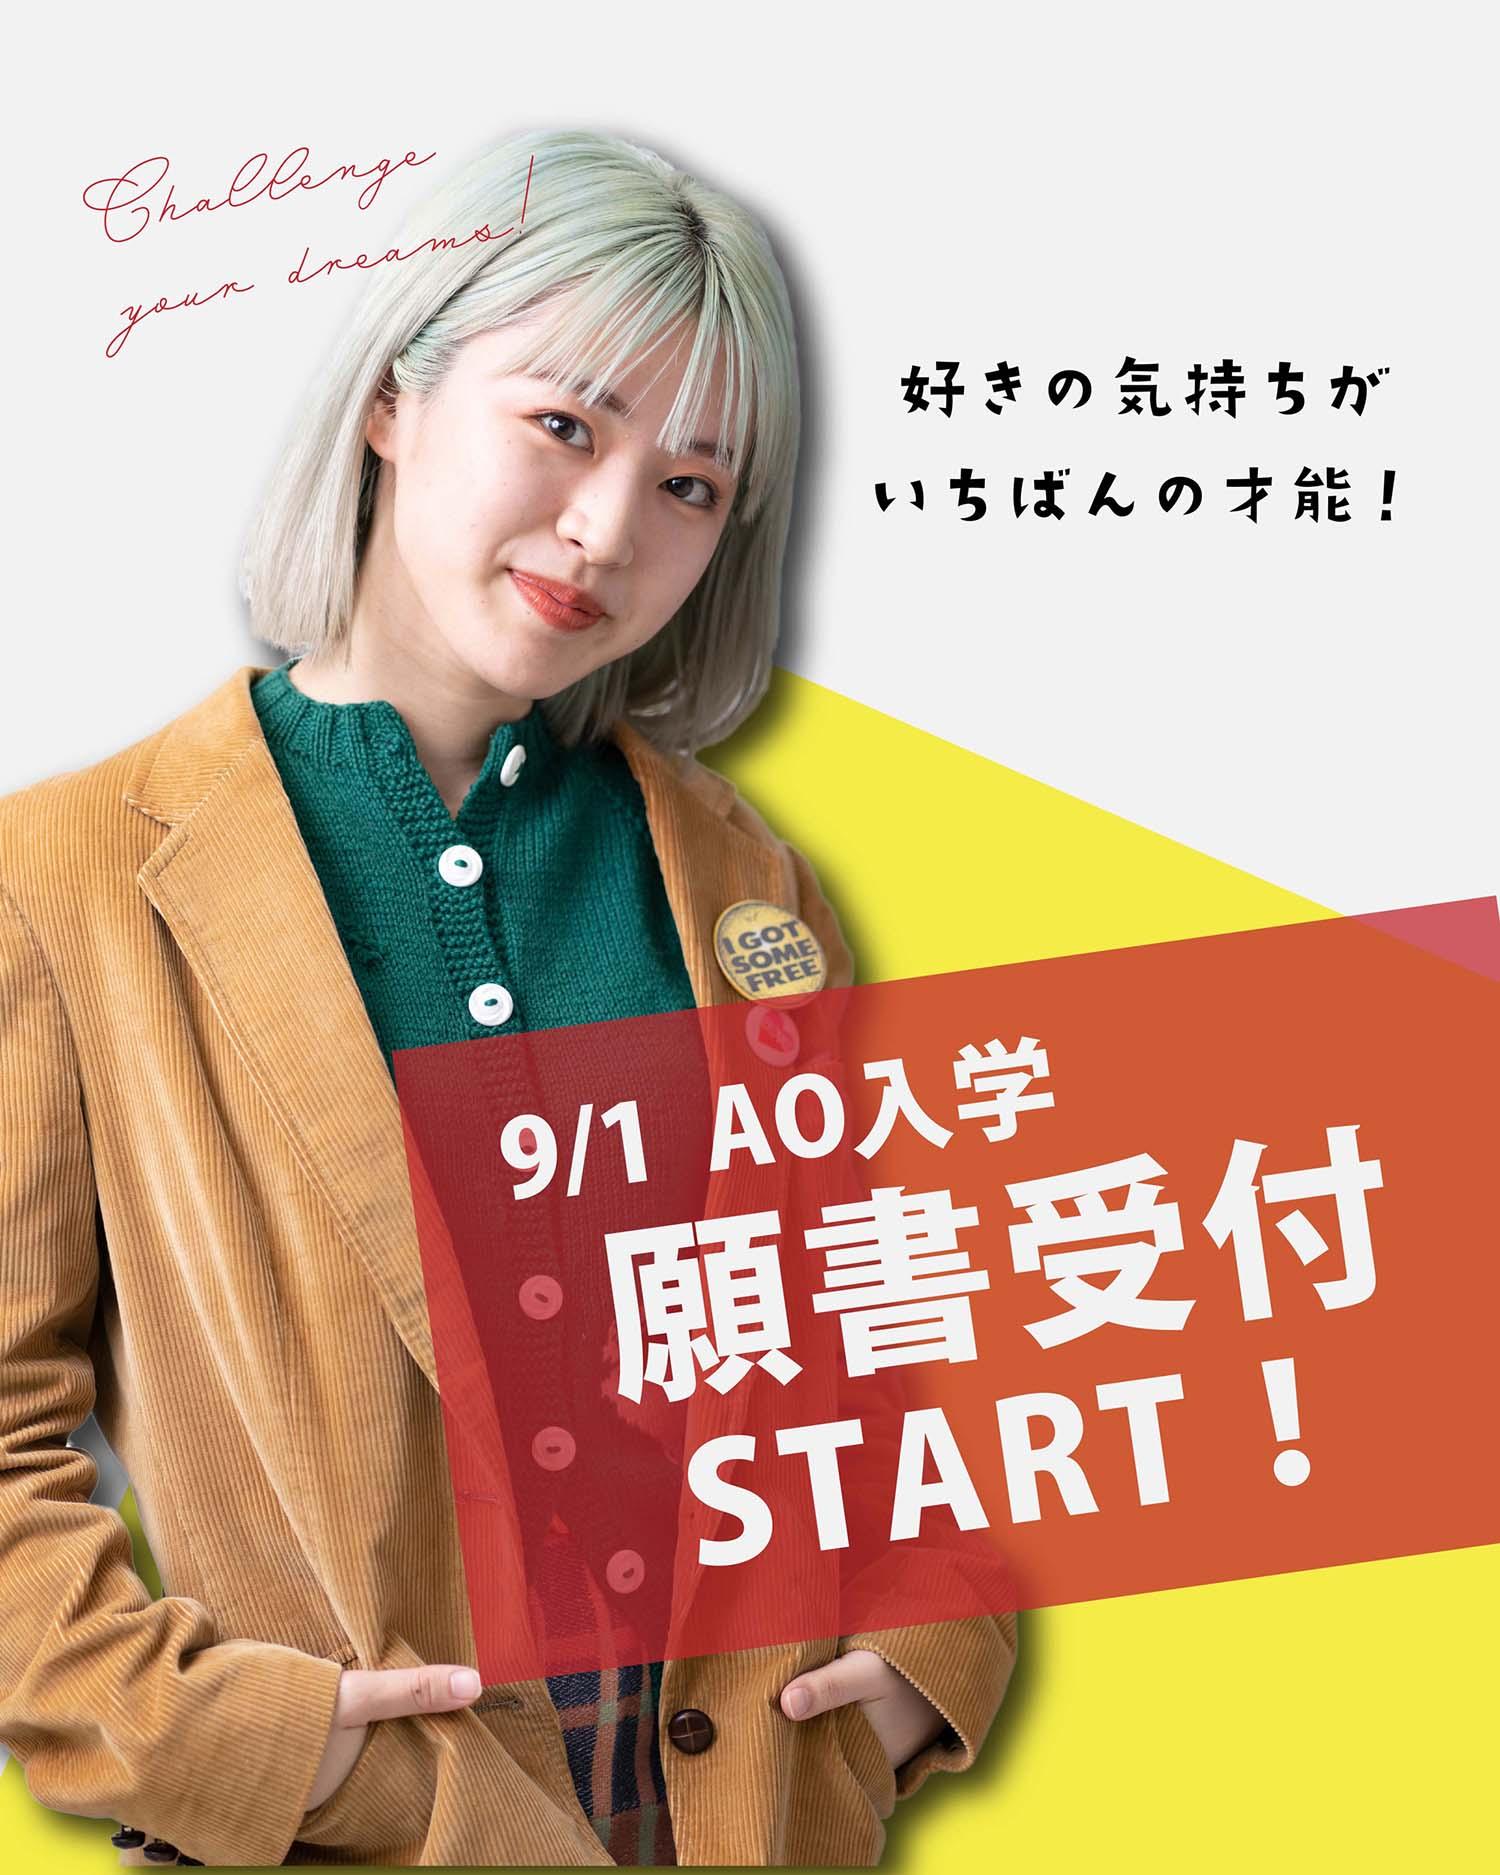 オオムラ願書受付STRAT! - 大村美容ファッション専門学校